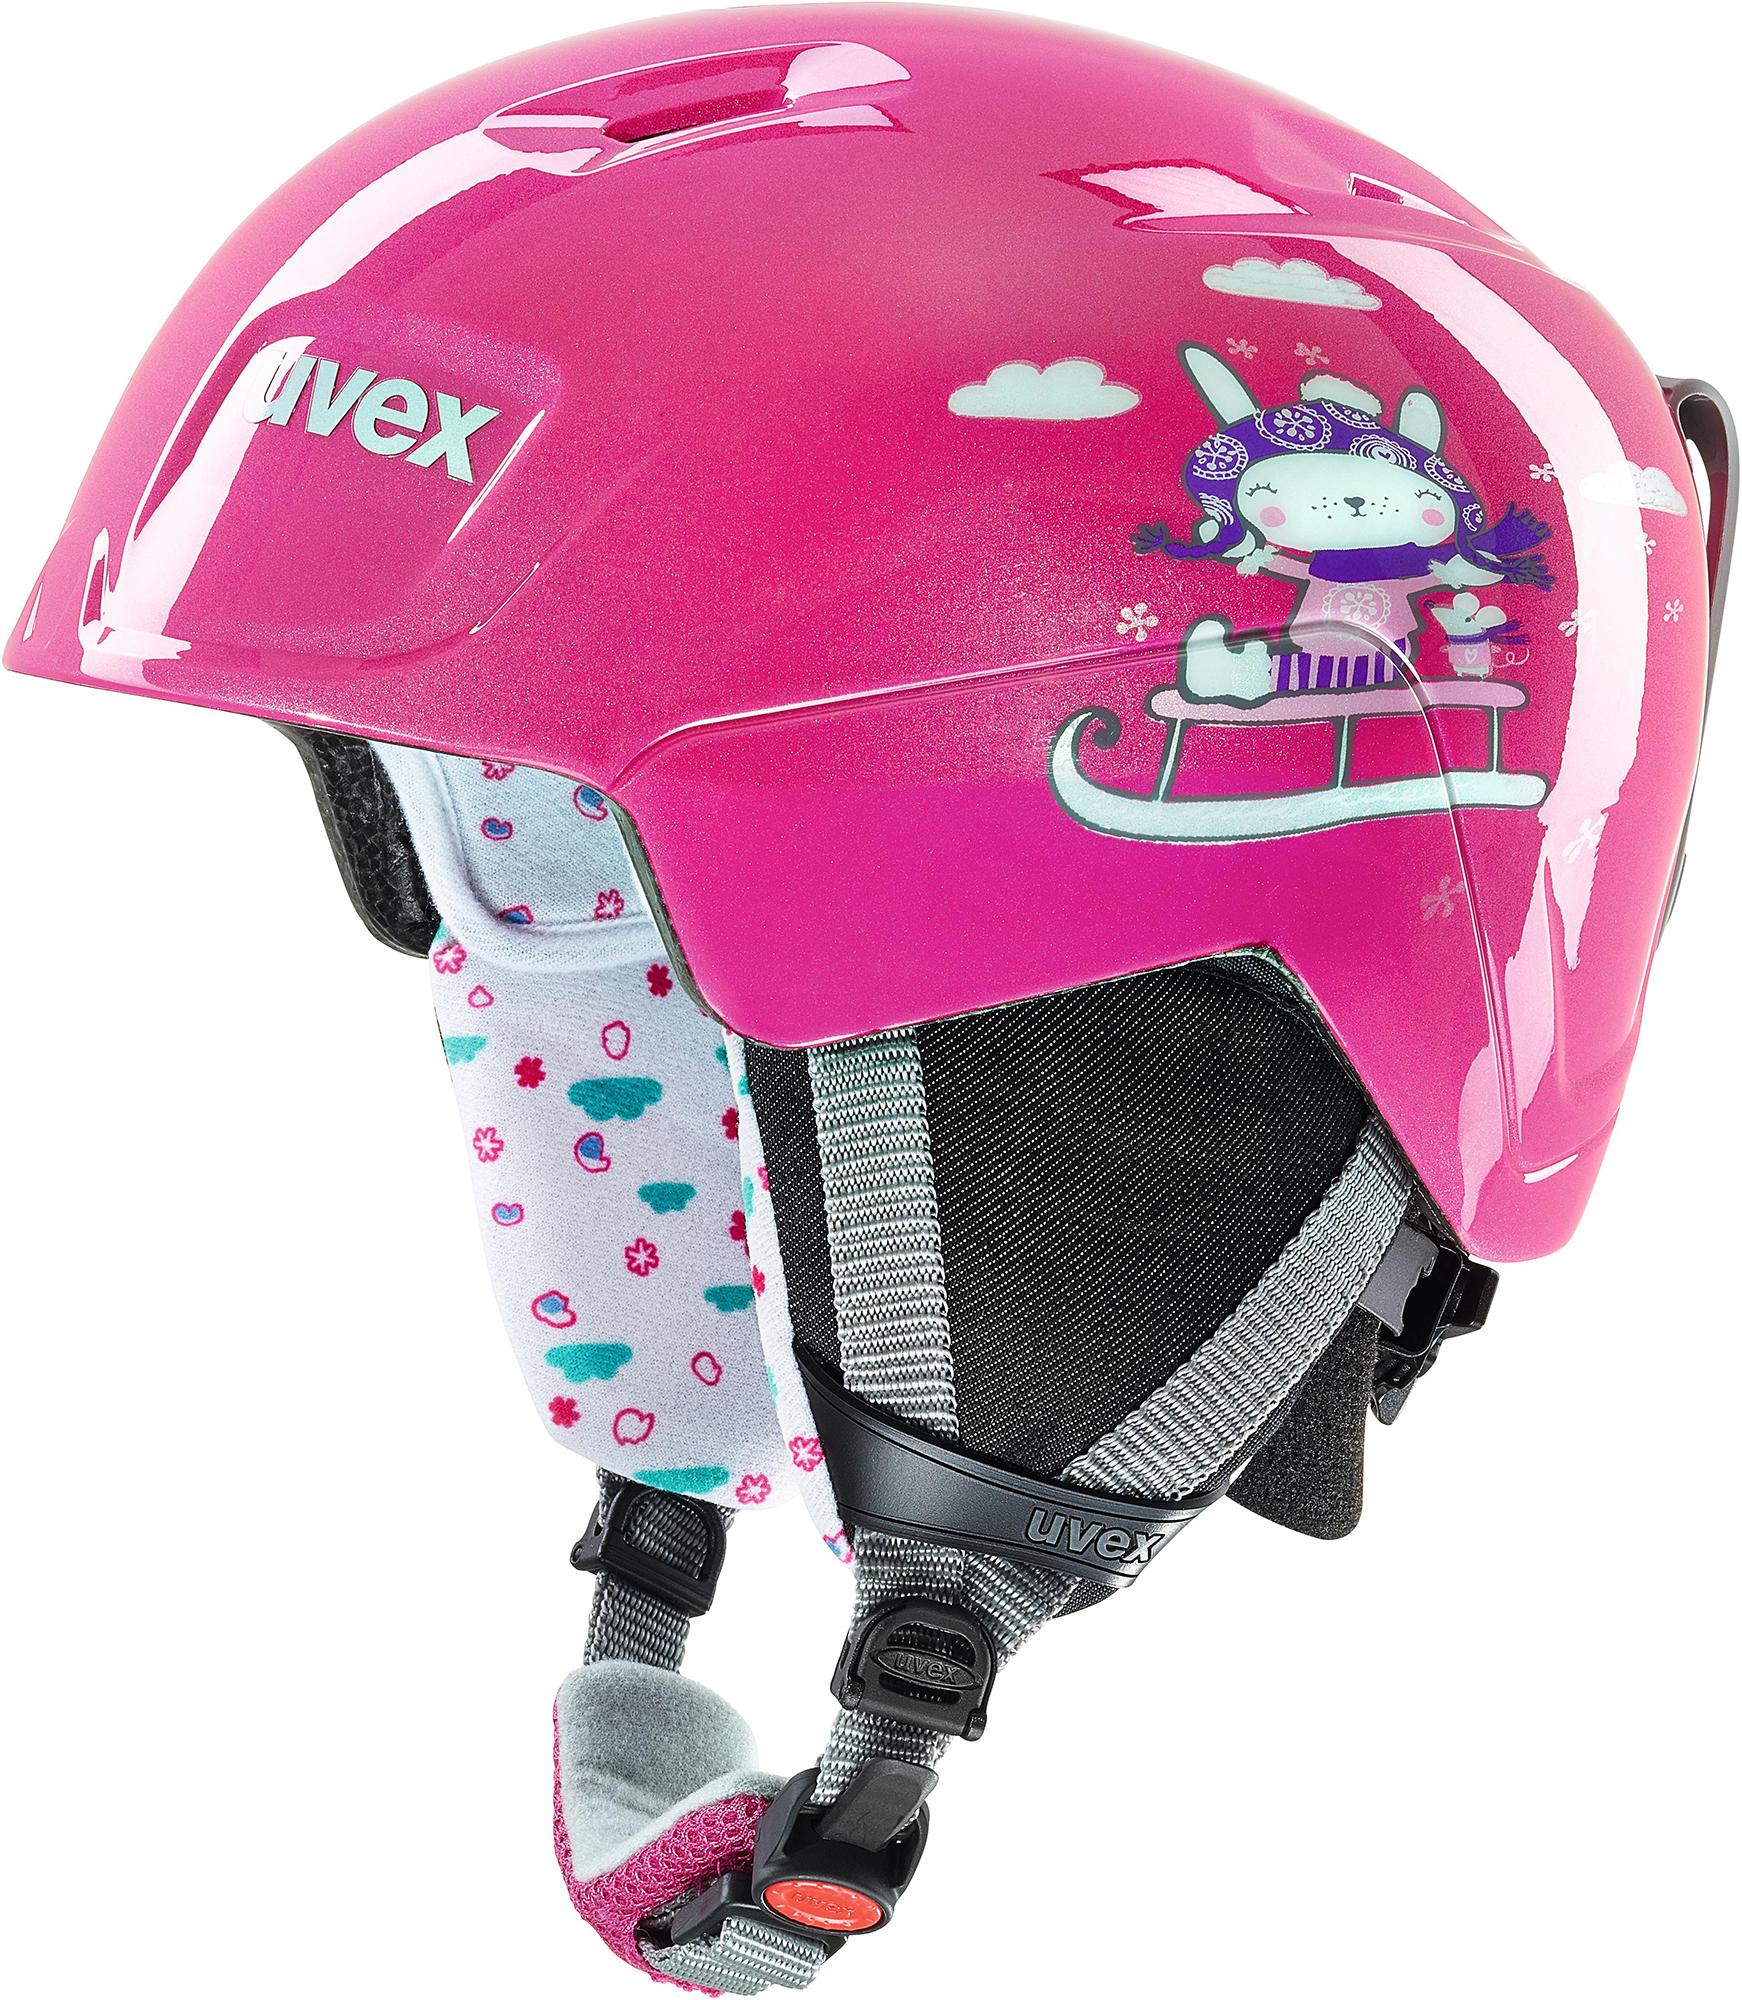 Uvex Шлем детский Uvex manic, размер 51-55